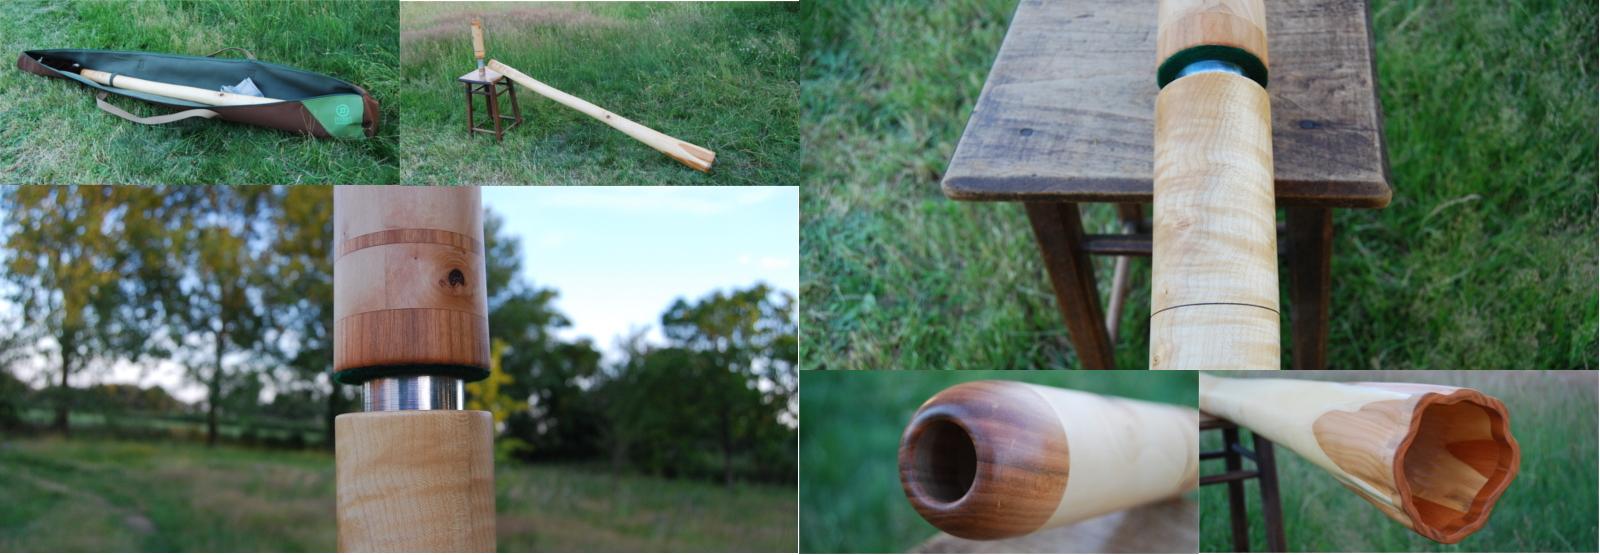 Pivert Didgeridoos_104